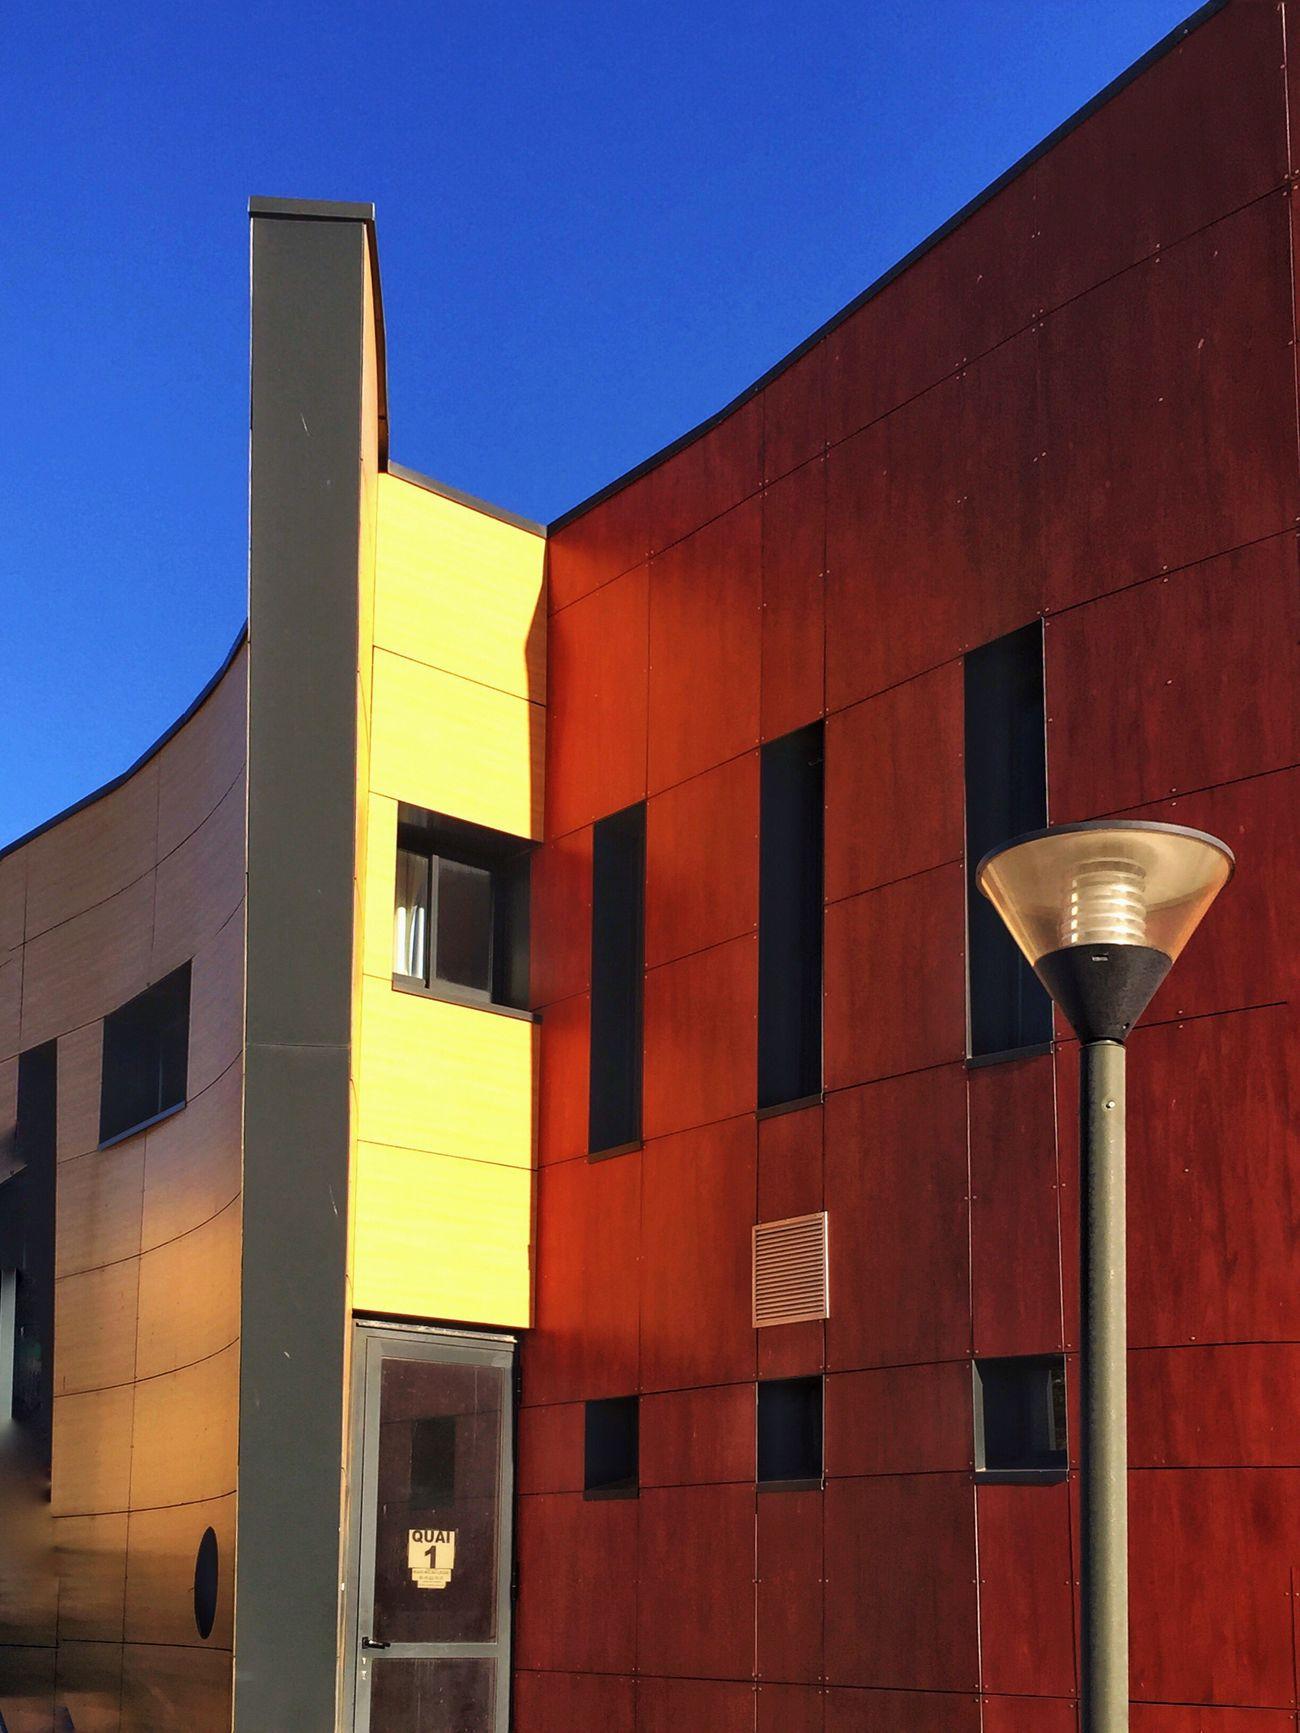 Minimalist Architecture Architecture Built Structure Building Exterior Colors